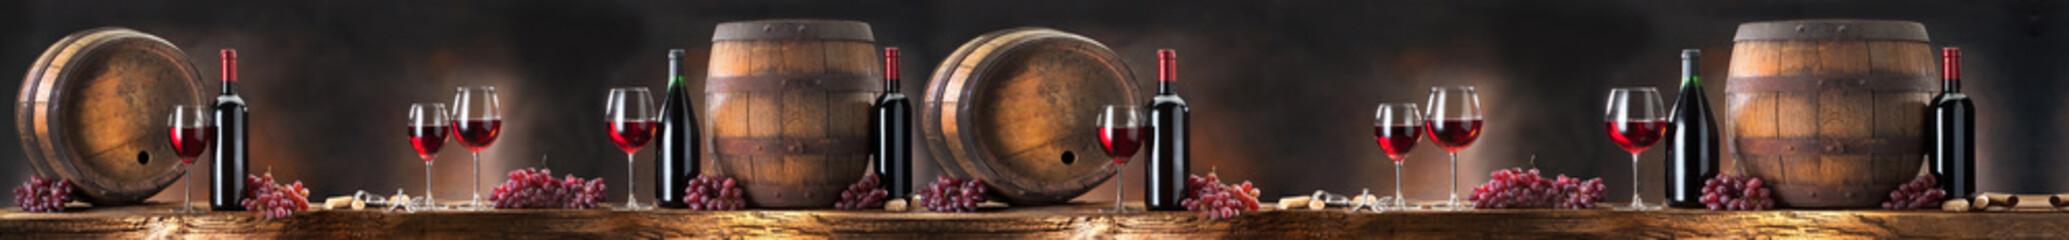 Kieliszki i  beczki z winem